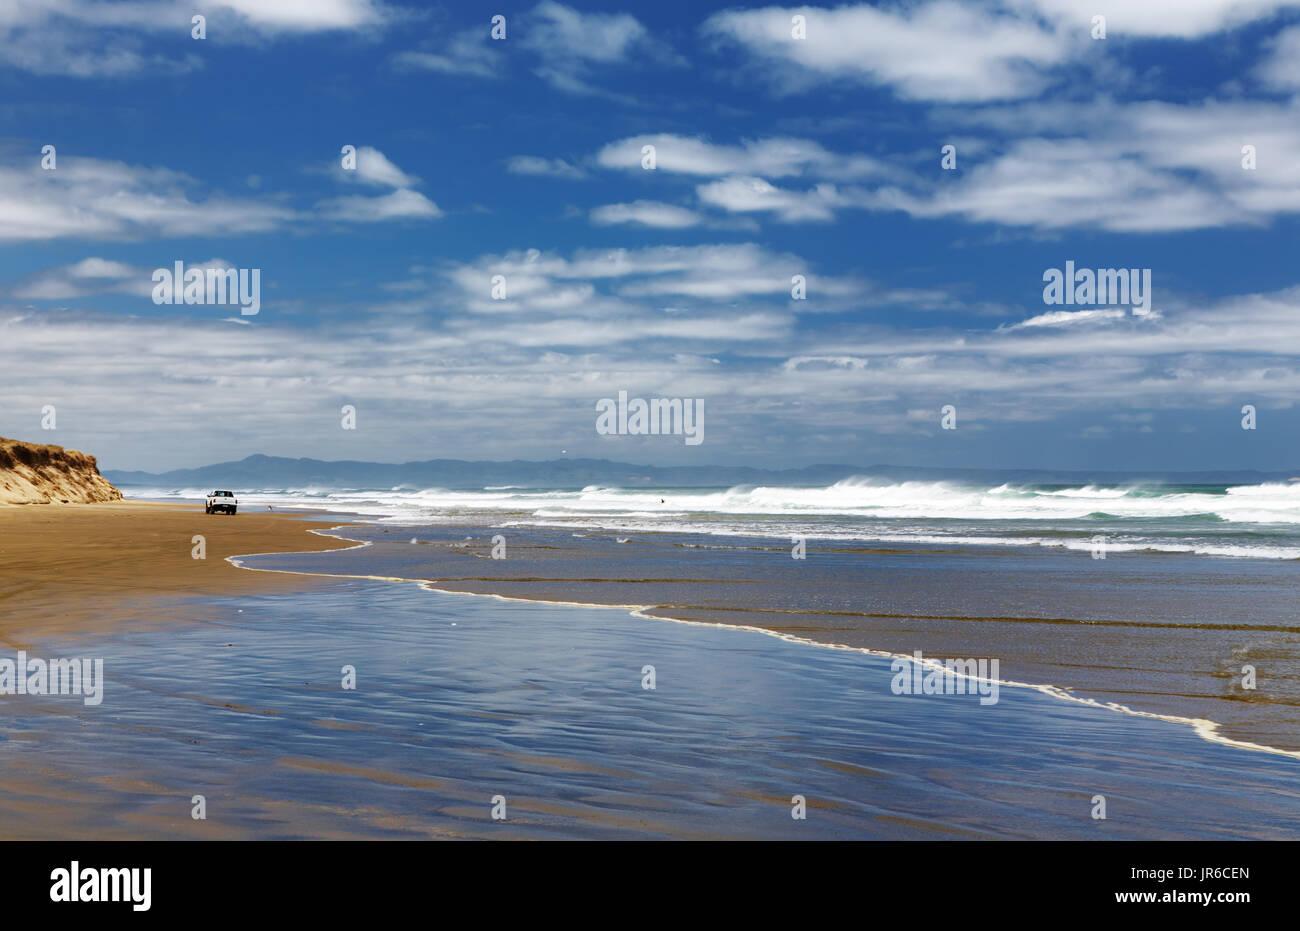 Car on the beach, Ninety Mile Beach, New Zealand - Stock Image